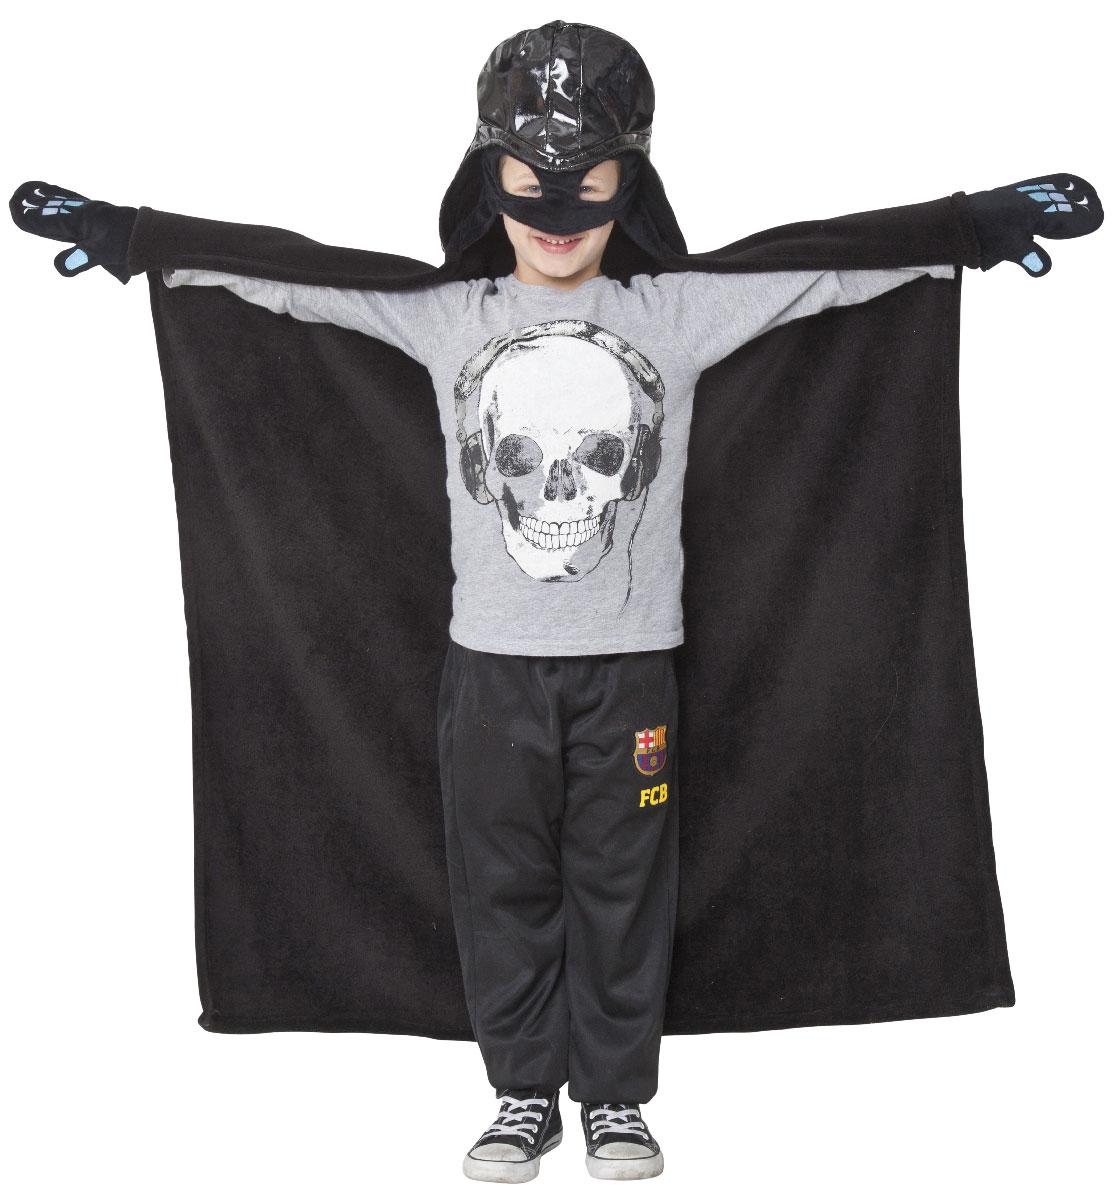 Star Wars Плед детский с капюшоном Darth Vader 100 см х 100 см15670Детский плед с капюшоном Star Wars Darth Vader – удивительная и многофункциональная вещь, от приобретения которой выиграют все. Родители, потому что получают для своих любимых чад тёплое и мягкое покрывальце. Дети, потому что мягкий плед может использоваться как накидка или пончо, а это отличная возможность преобразиться из мальчика или девочки в любимого героя. Данная текстильная продукция занимает высокие позиции на потребительском рынке благодаря своим оригинальным дизайнам и безопасным материалам.